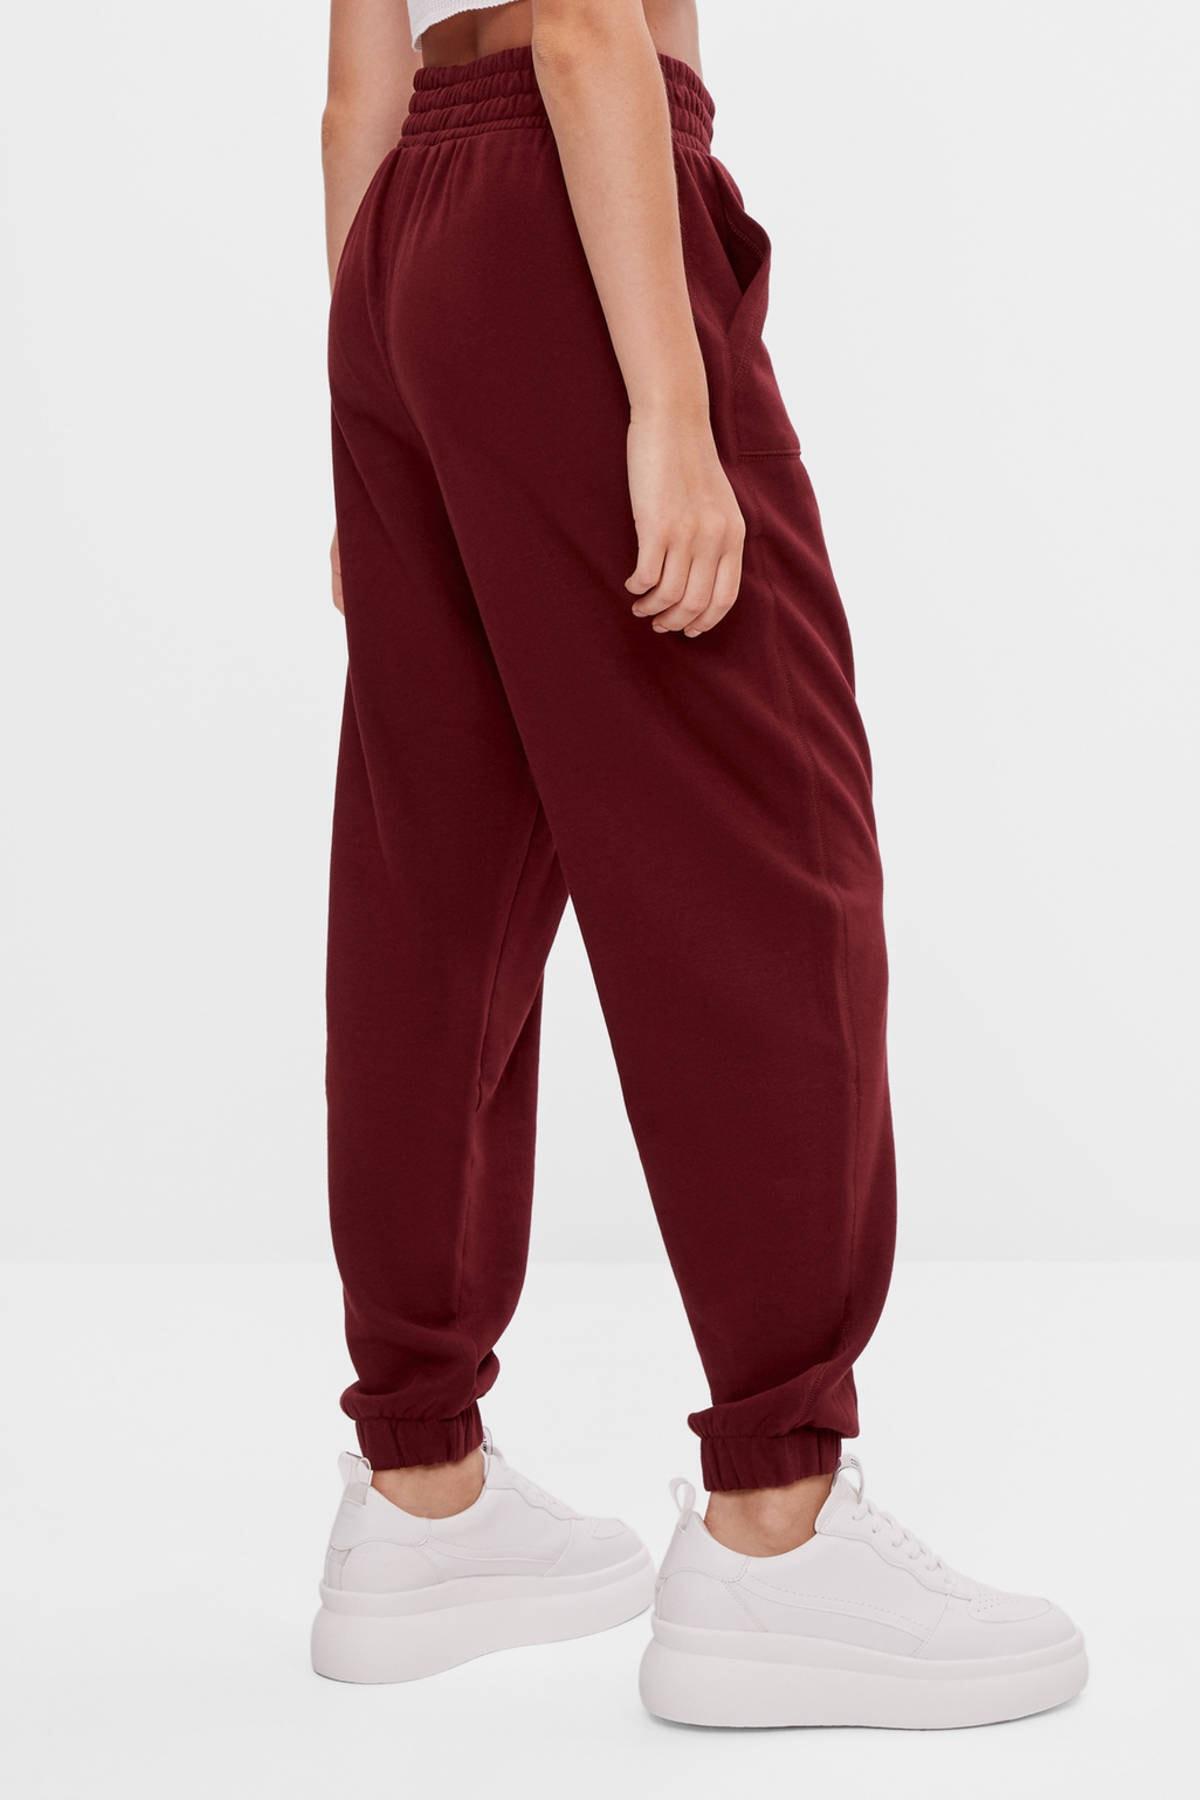 Bershka Kadın Nar Kırmızısı Baskılı Jogging Fit Pantolon 2